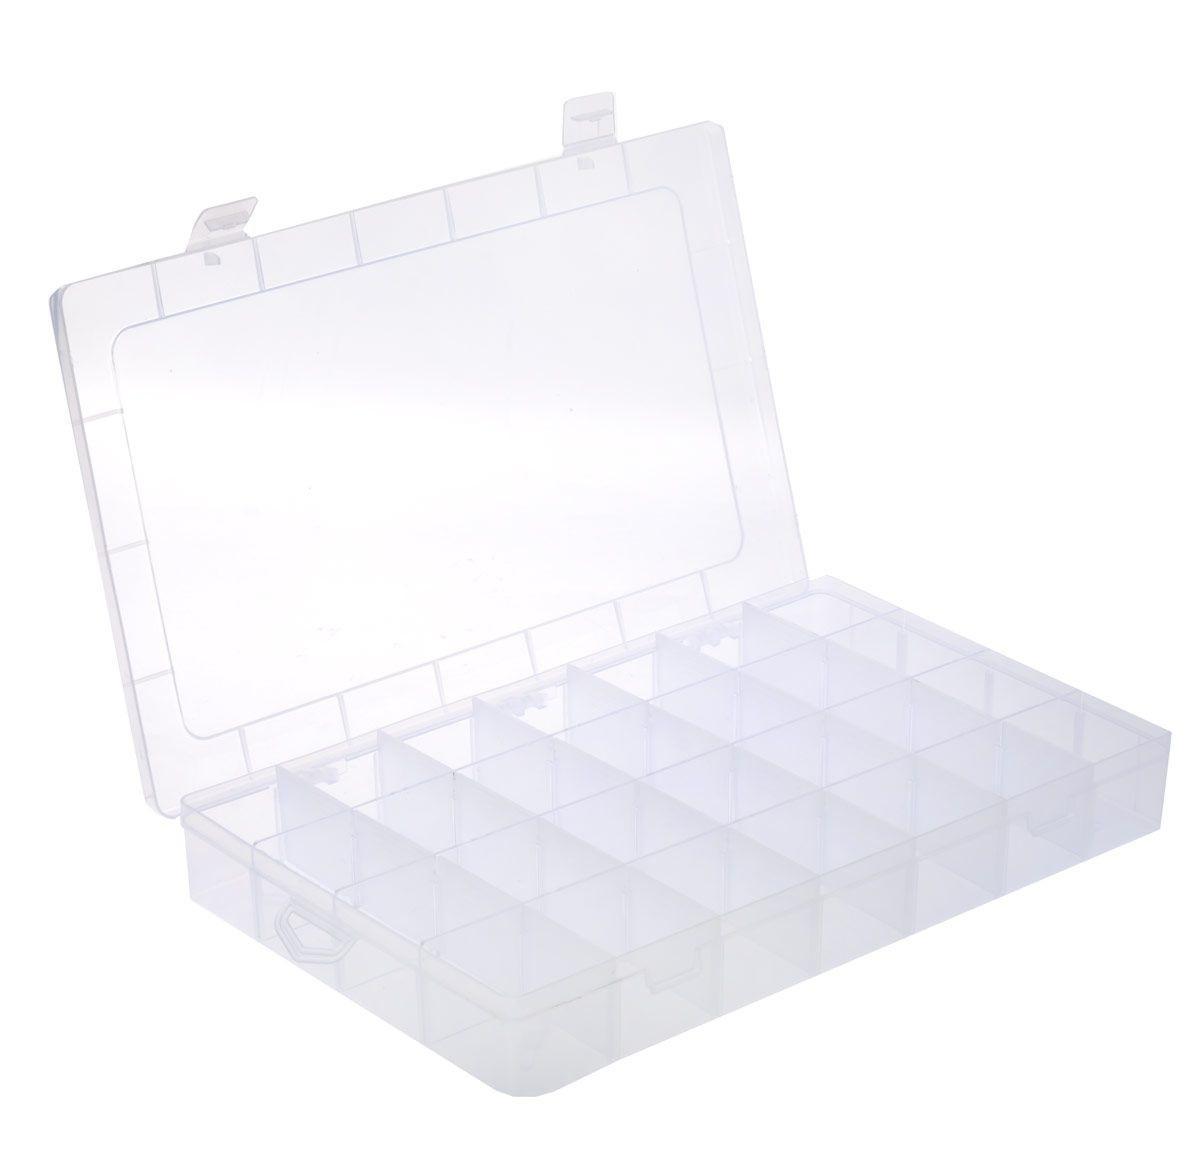 Контейнер для хранения швейных принадлежностей, 34,5 см х 21,7 см х 4,8 см. 526592526592Контейнер для хранения швейных принадлежностей изготовлен из прозрачного пластика. Предназначен для хранения швейных принадлежностей, рыболовных крючков, мелких деталей. Внутри содержится 28 квадратных ячеек. Прозрачная поверхность позволяет видеть содержимое. Удобный и надежный замок-защелка обеспечивает надежное закрывание крышки. Изделие легко моется и чистится. Такой контейнер поможет держать вещи в порядке.